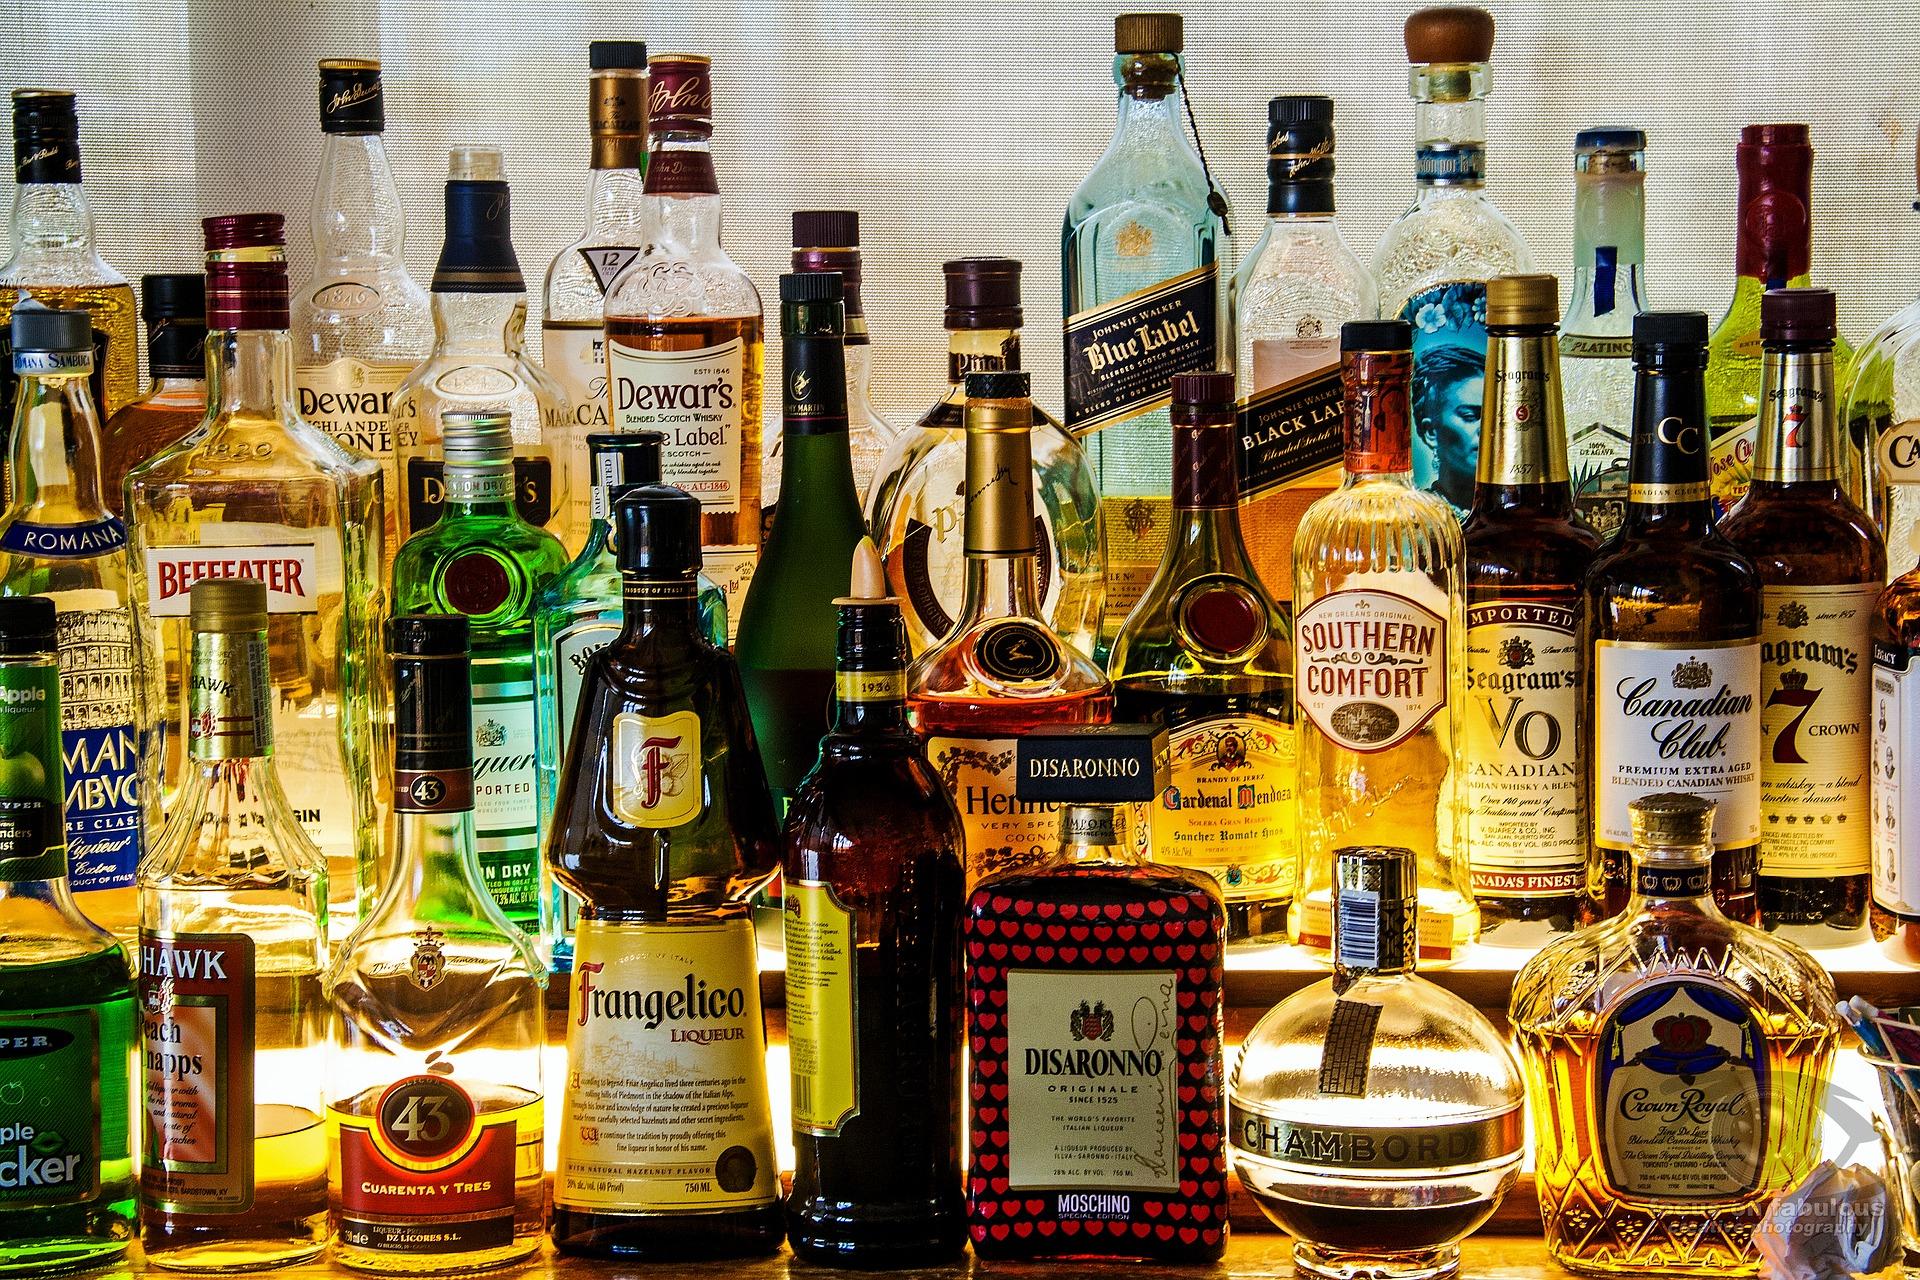 La venta ilícita de bebidas alcohólicas va en aumento